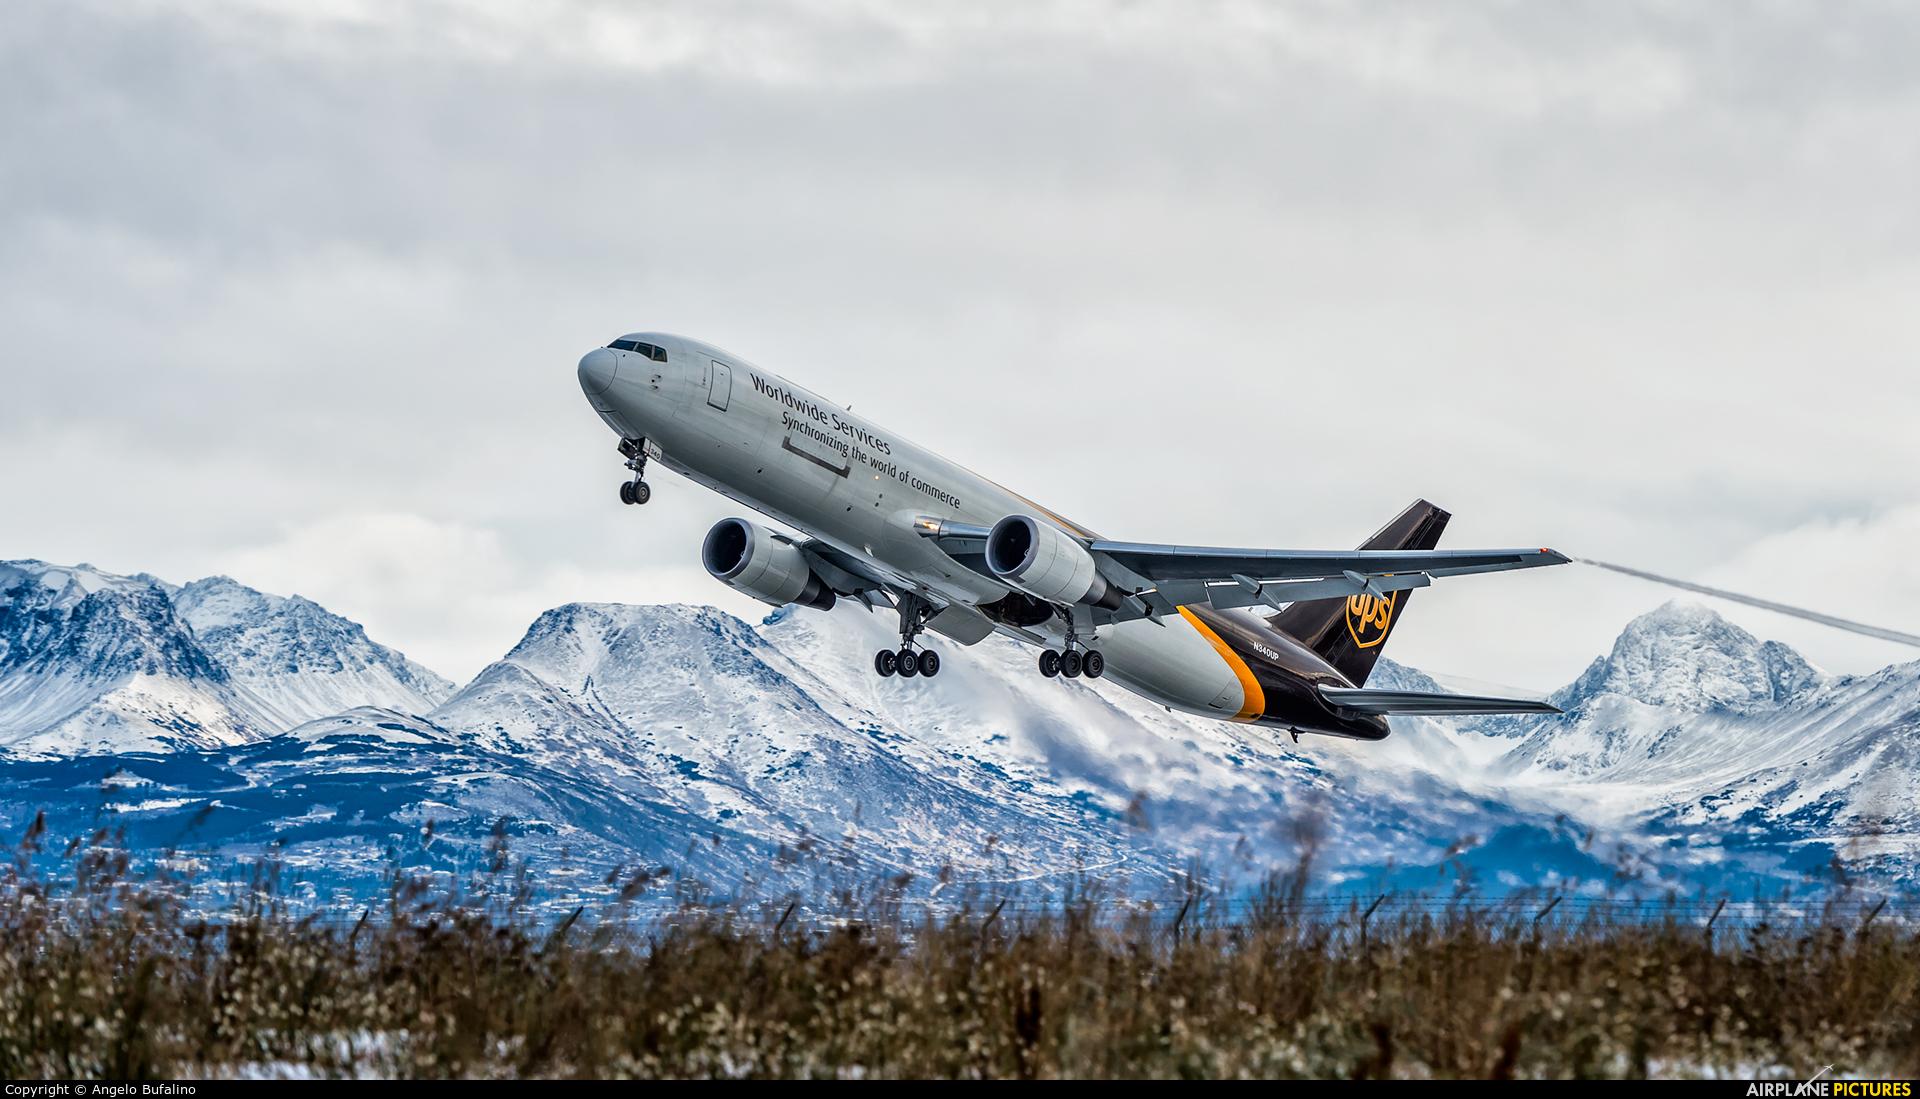 UPS - United Parcel Service N340UP aircraft at Anchorage - Ted Stevens Intl / Kulis Air National Guard Base